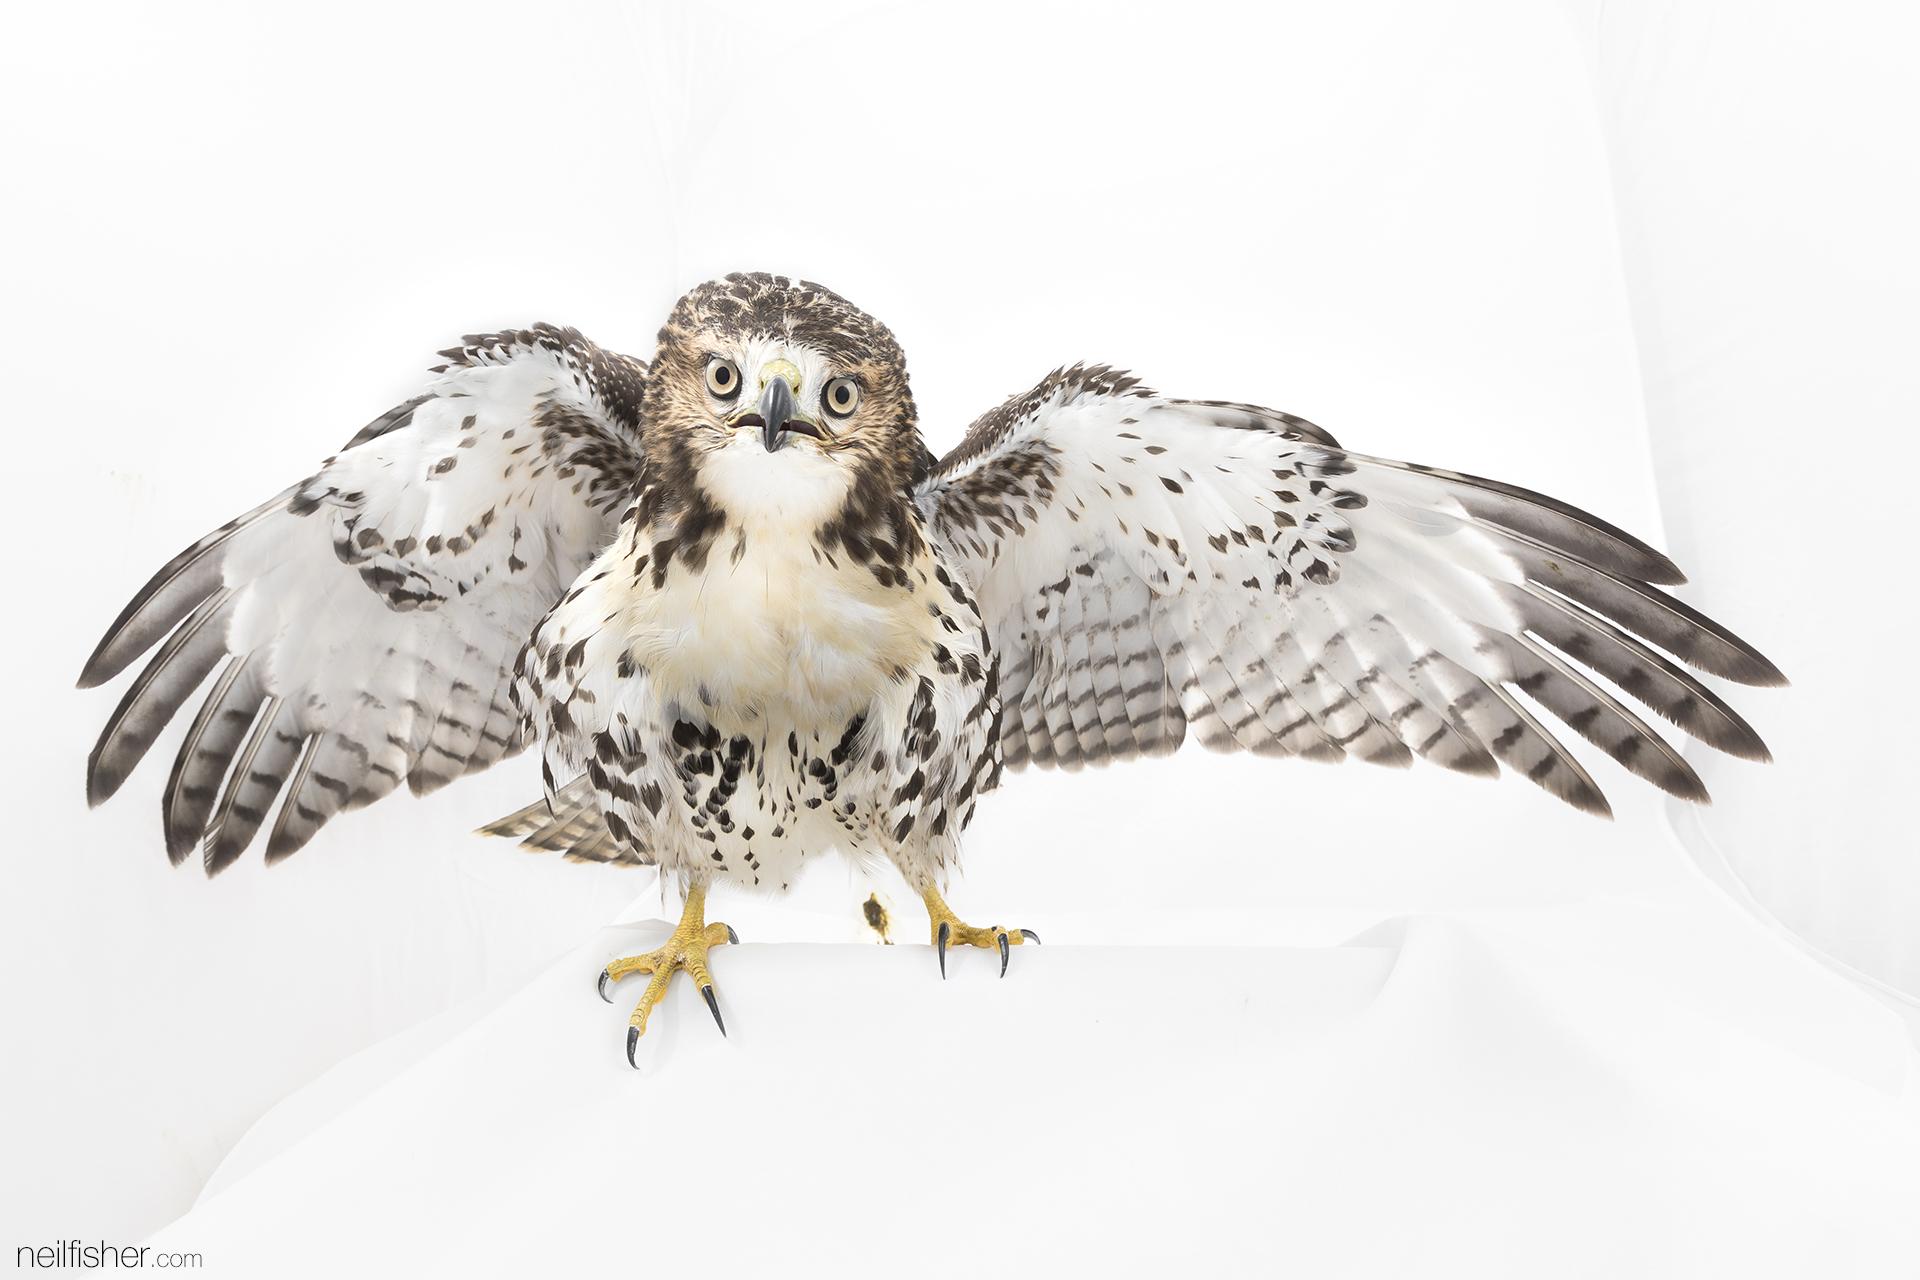 20170907 - Red-tailed Hawk - NeilFisher.jpg